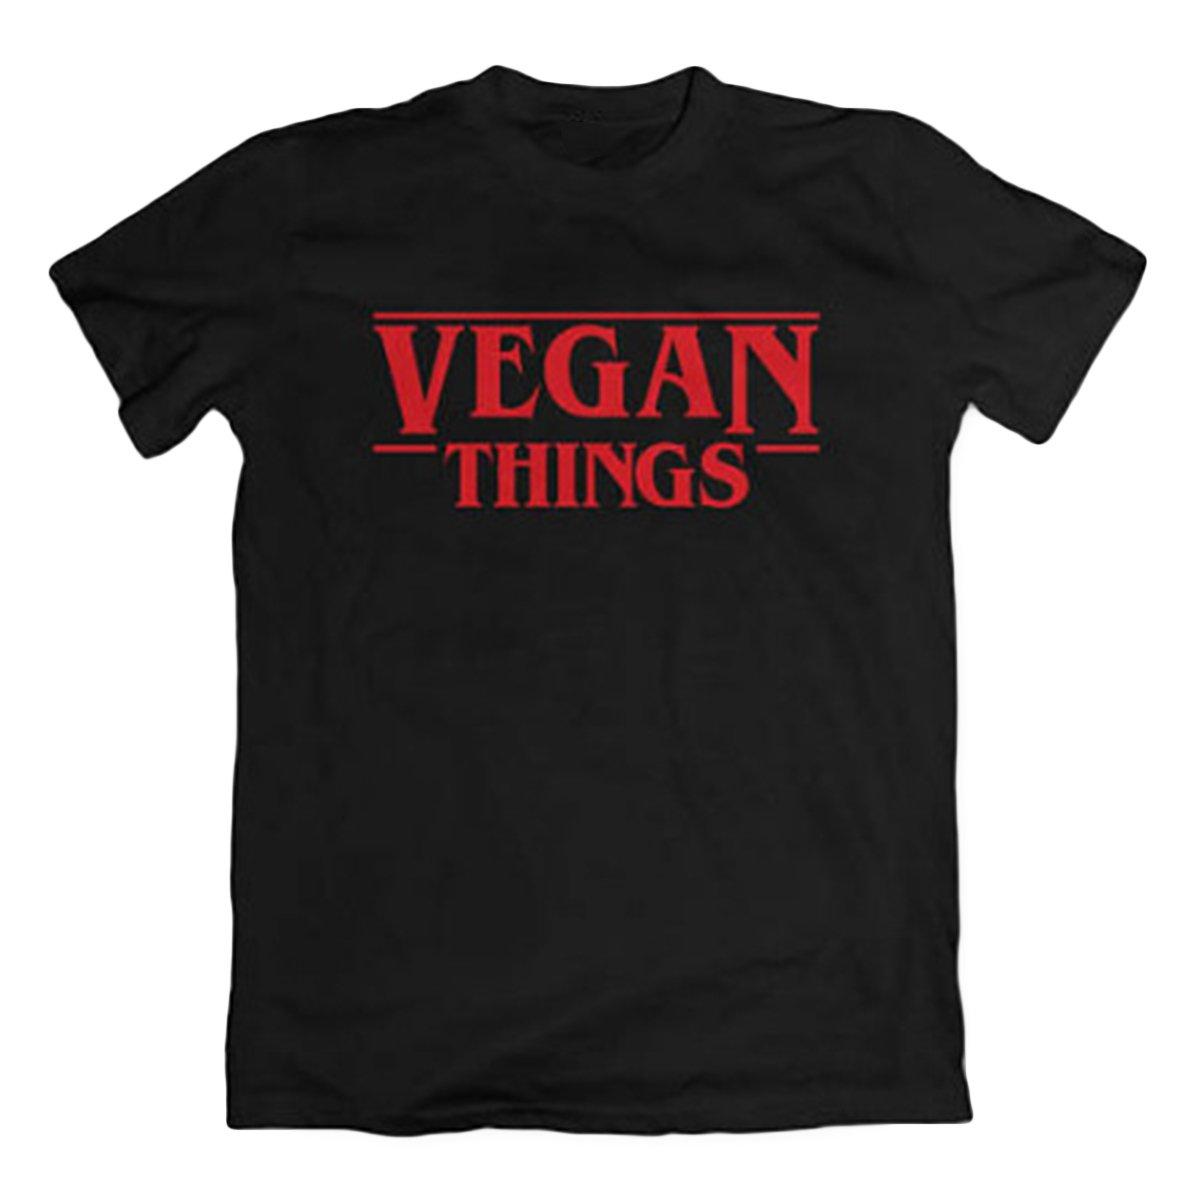 Las Camisetas de Las Cosas Veganas de Las Mujeres Ponen Letras a Las Camisas vegetarianas Camisetas de Manga Corta: Amazon.es: Ropa y accesorios